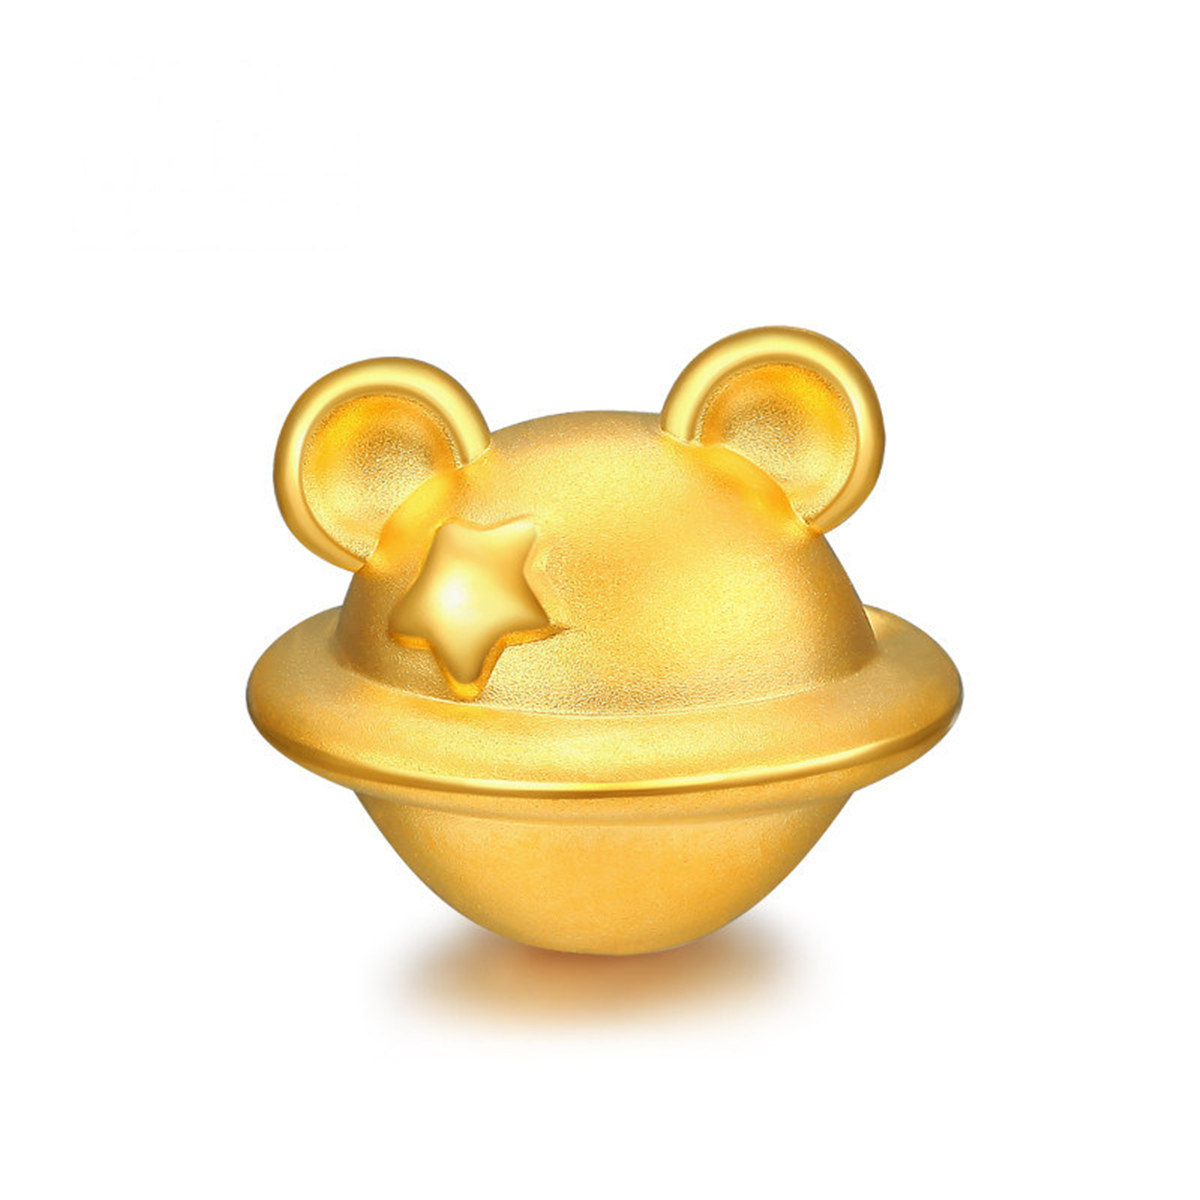 潮宏基超鼠英雄-鼠星星足金串珠黄金转运珠SHG30000397